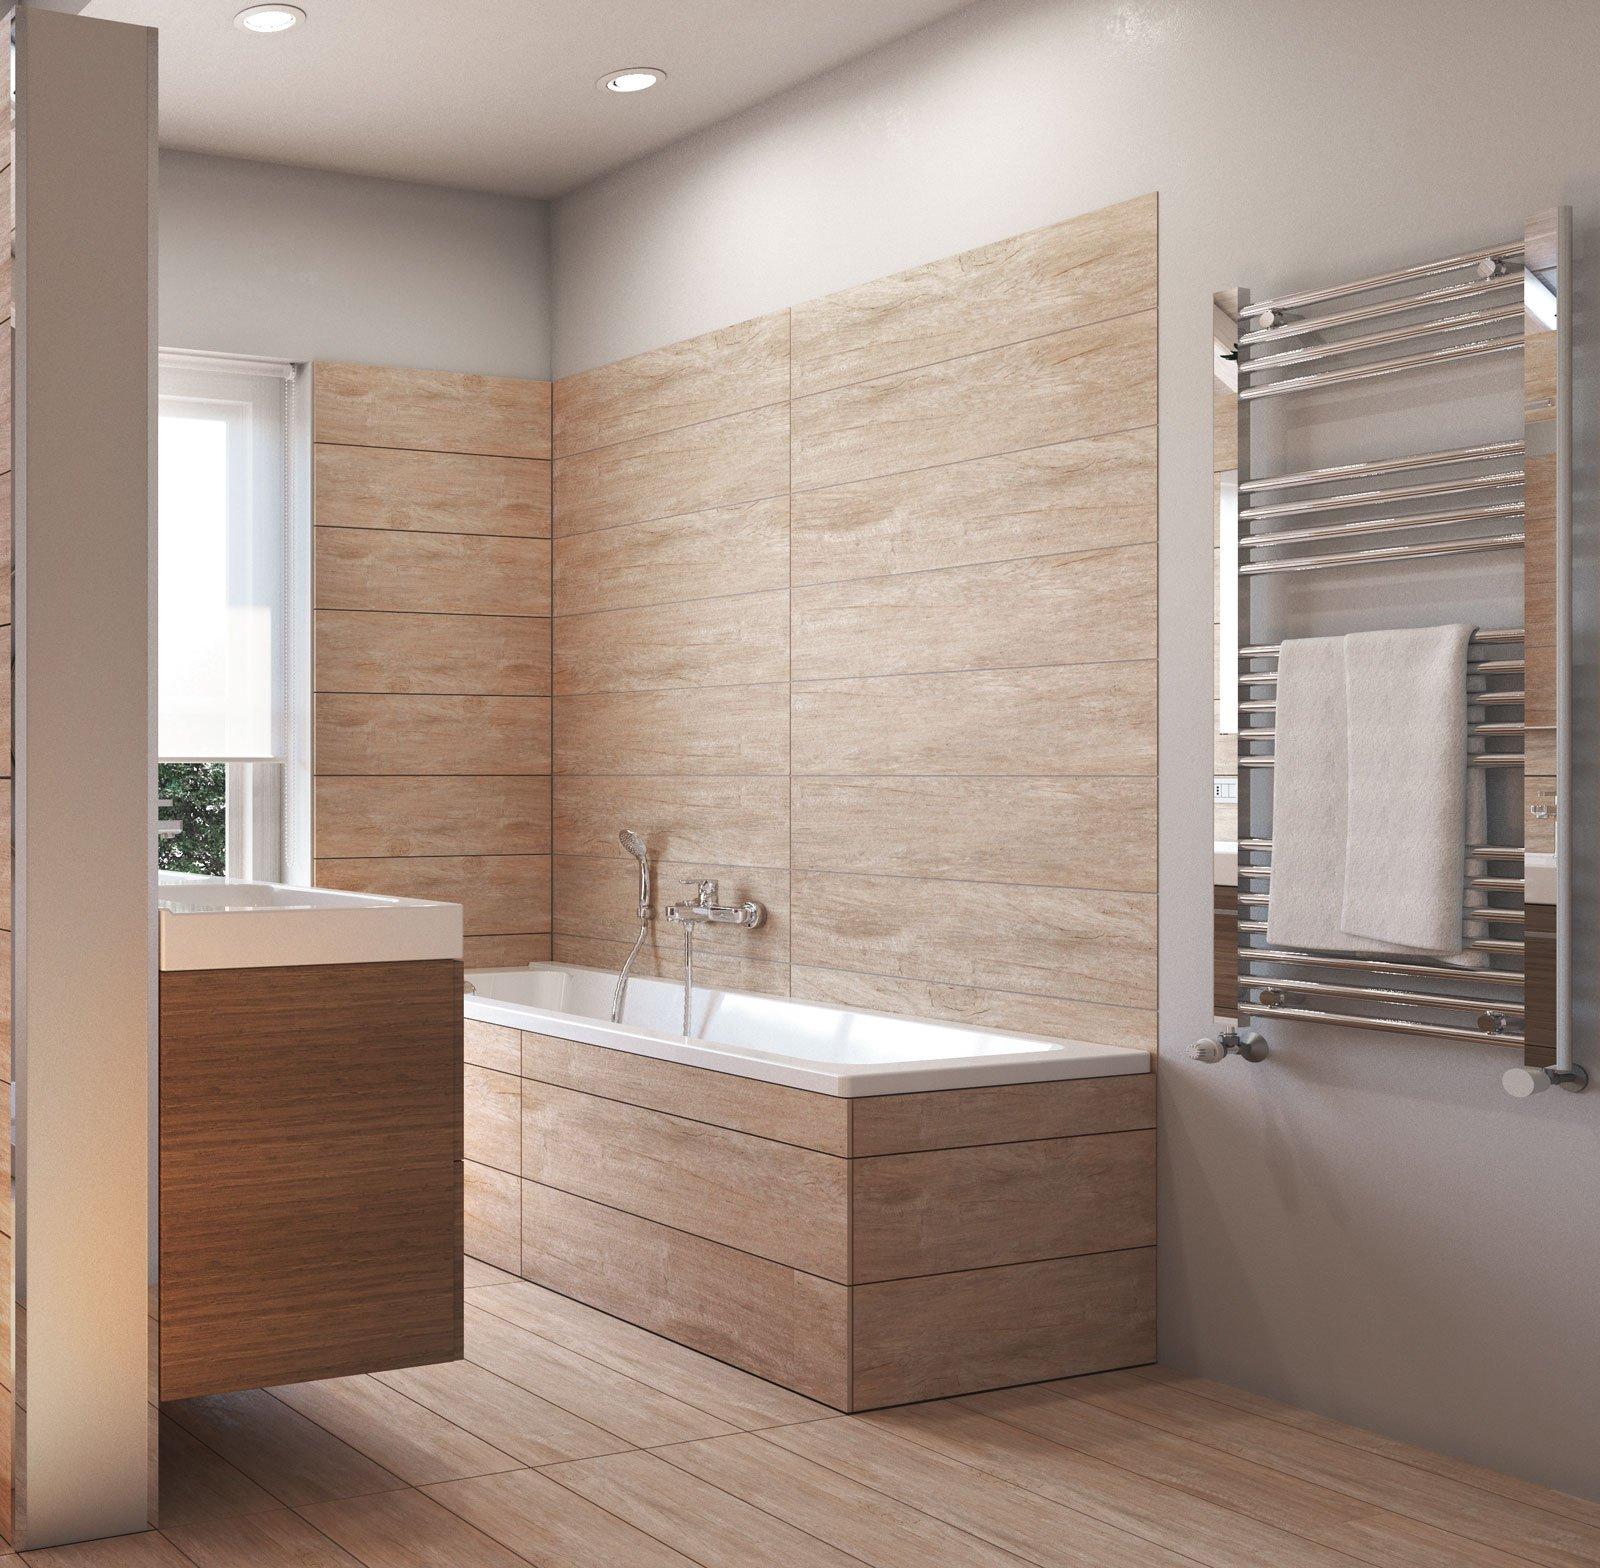 Da vasca a doccia un bagno nuovo su misura cose di casa for Doccia solare da giardino leroy merlin